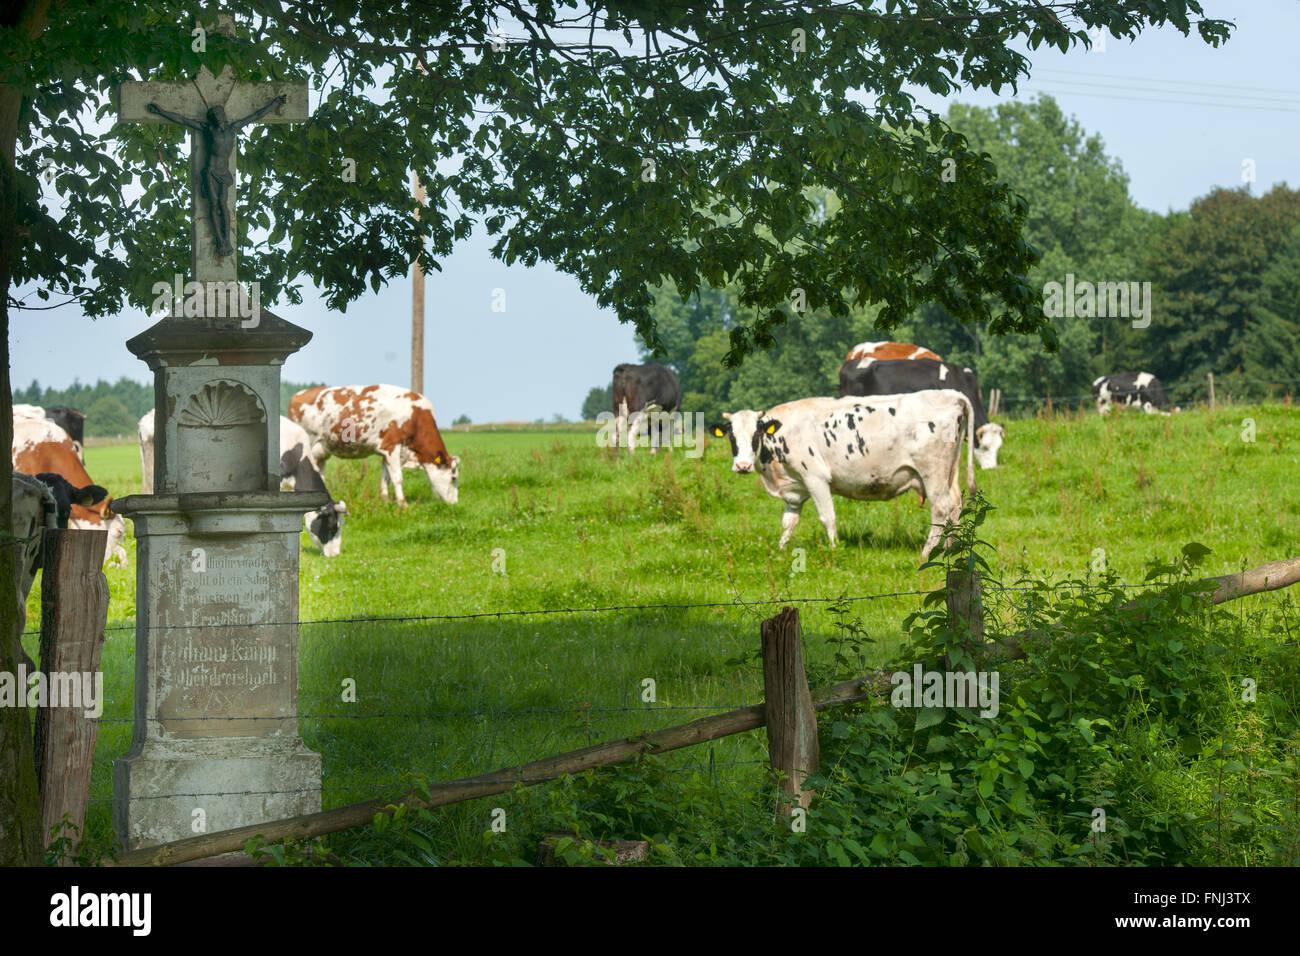 Deutschland, Nordrhein-Westfalen, Rhein-Sieg-Kreis, Much-Oberdreisbach, Kühe auf Weide am Ortsrand Stock Photo